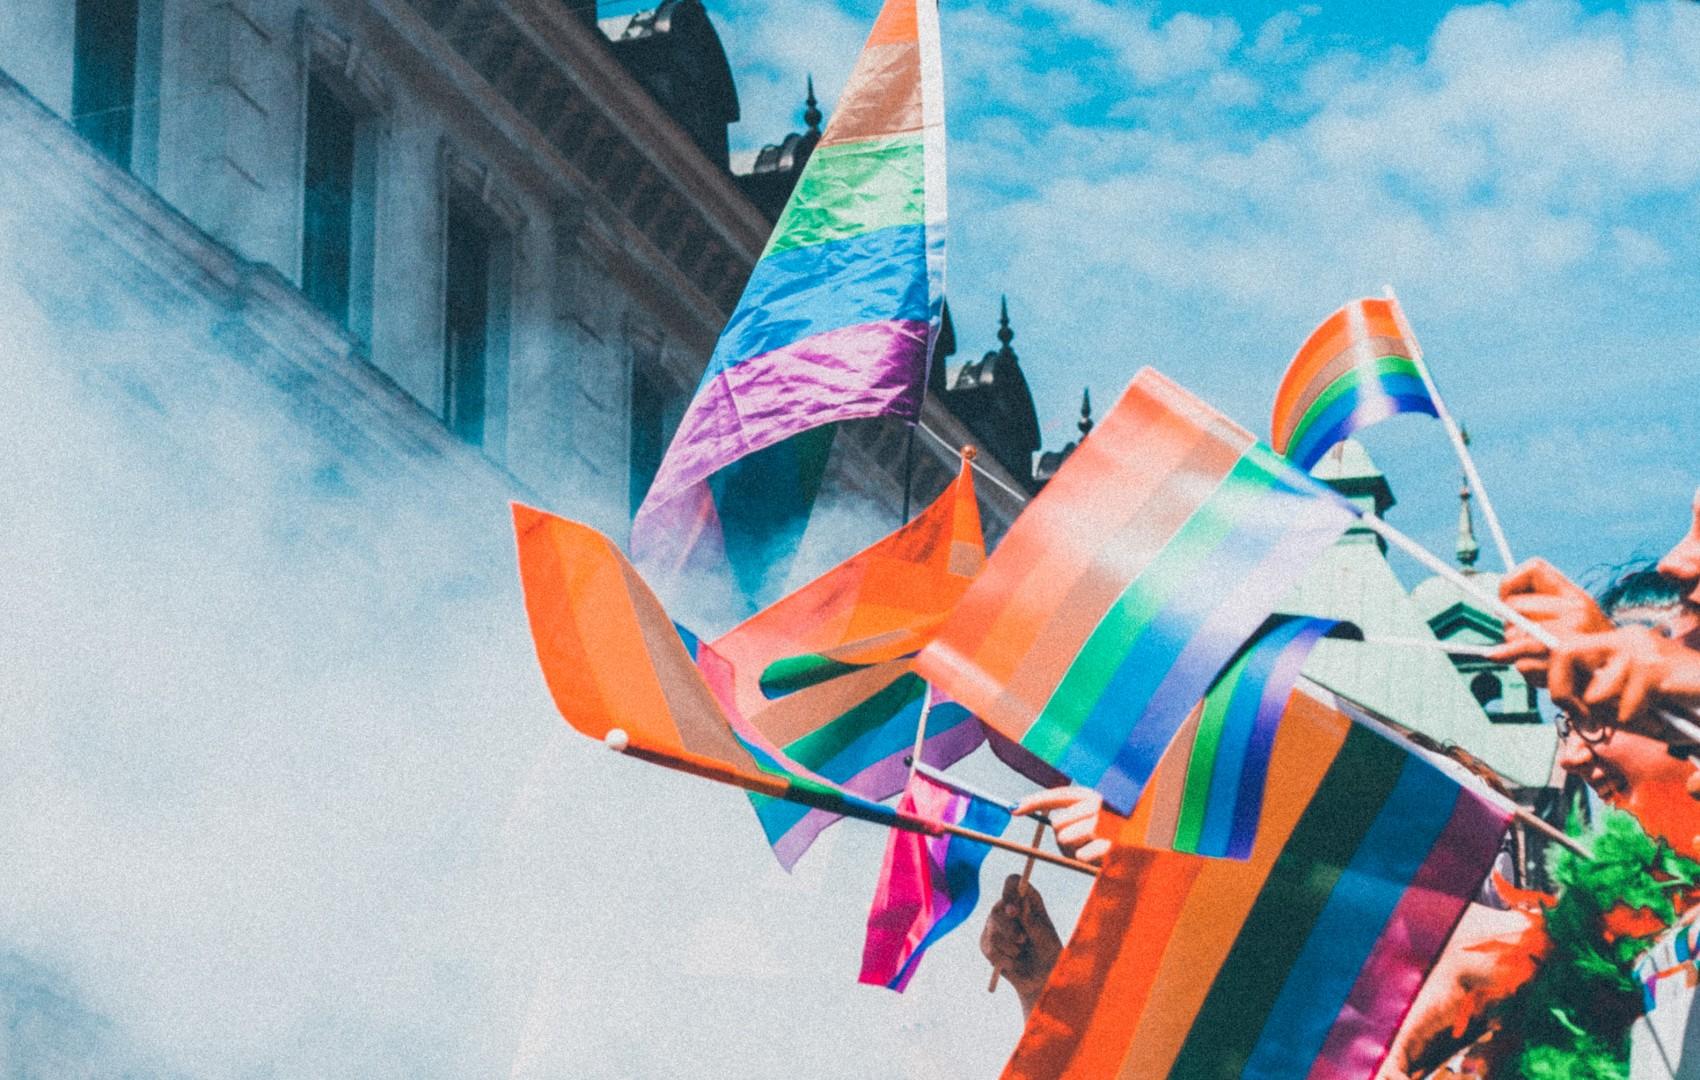 Défendre les droits des personnes LGBT+, une priorité européenne